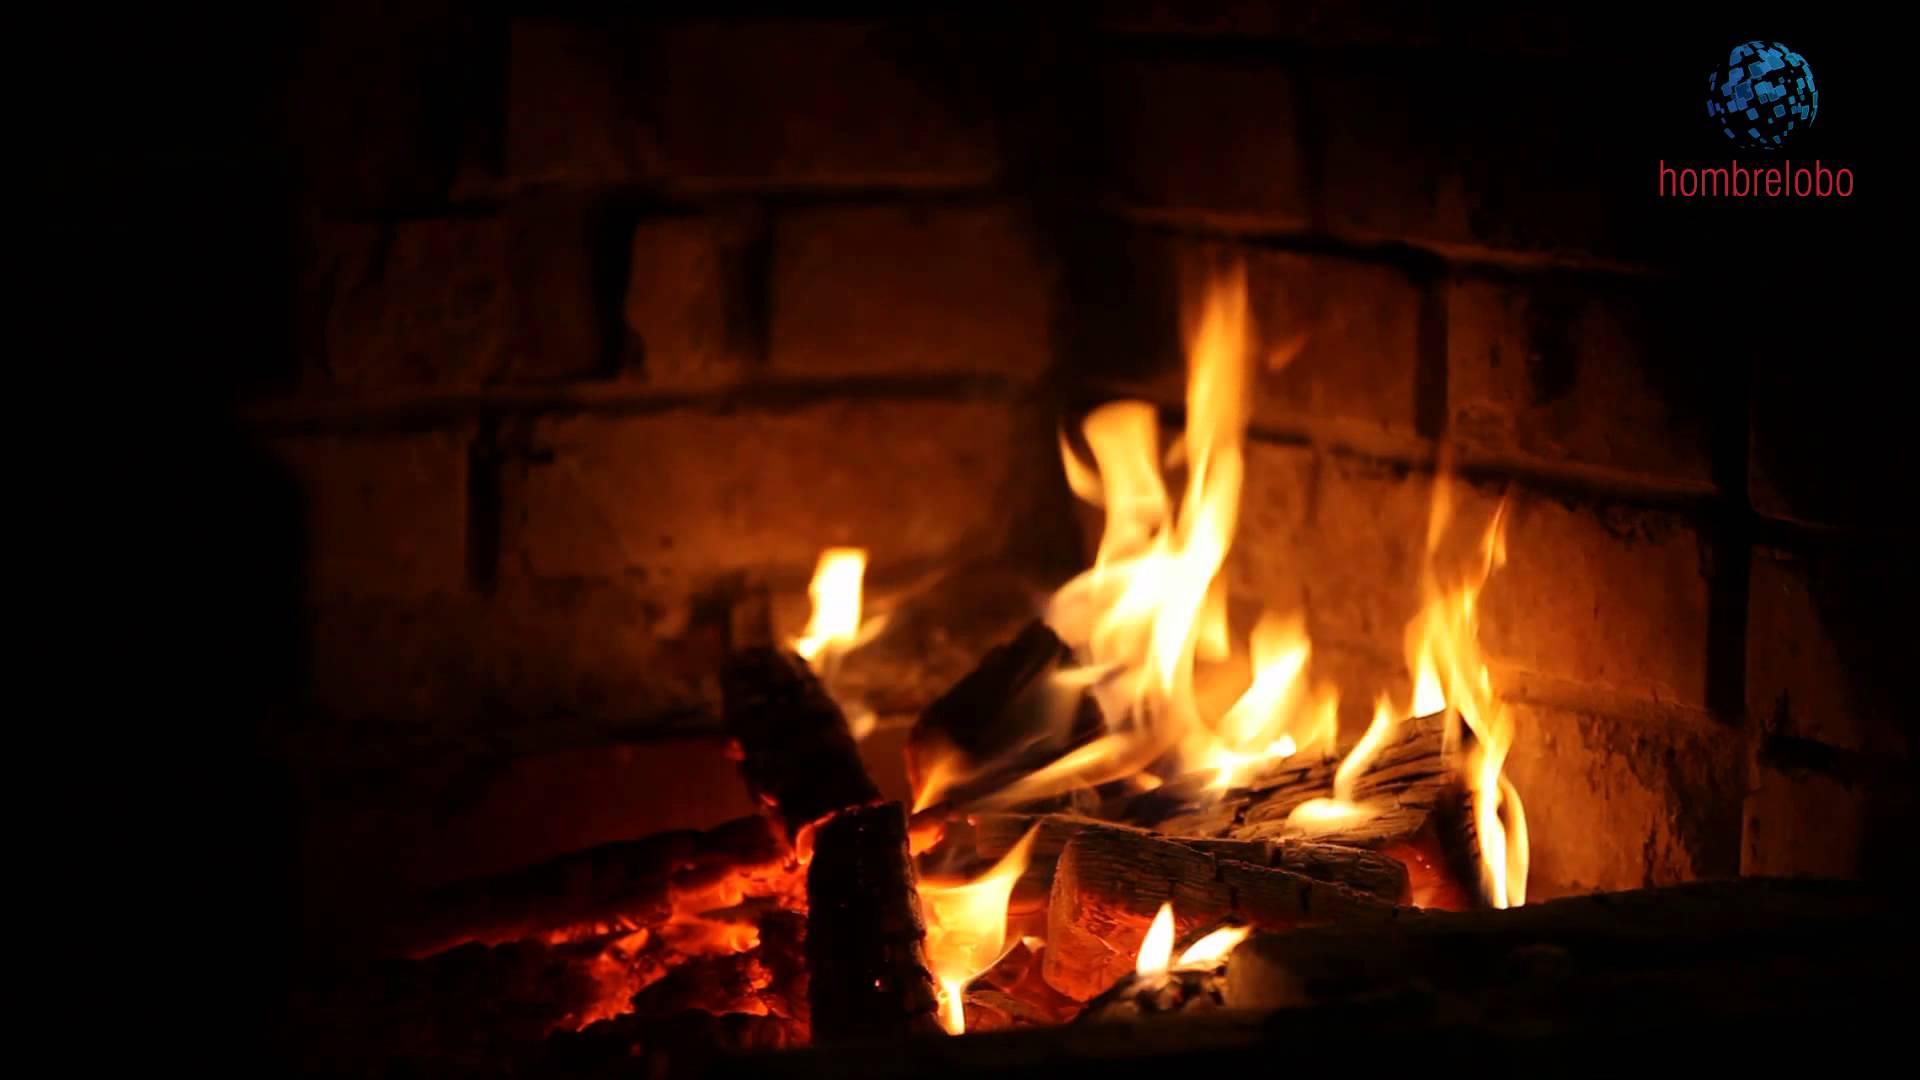 Fuego en la chimenea y unos villancicos - Fuego decorativo para chimeneas ...